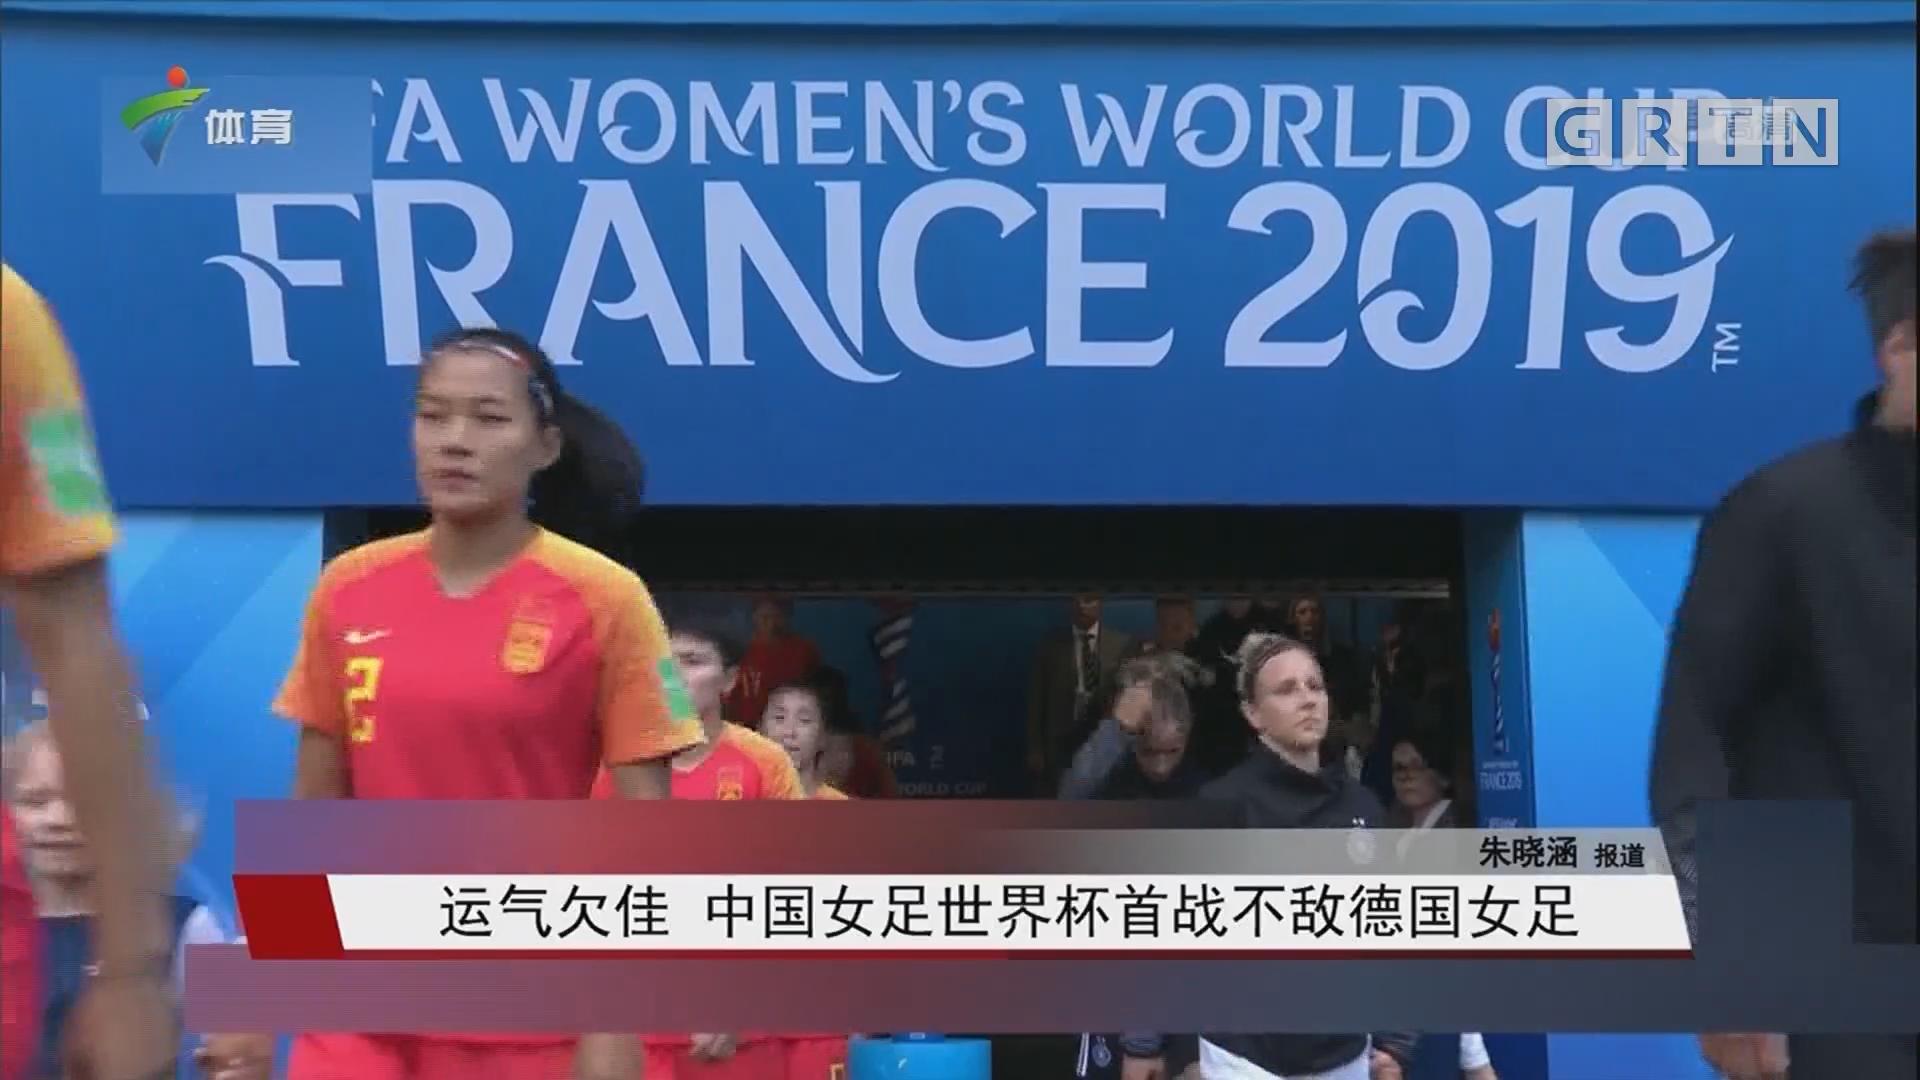 运气欠佳 中国女足世界杯首战不敌德国女足